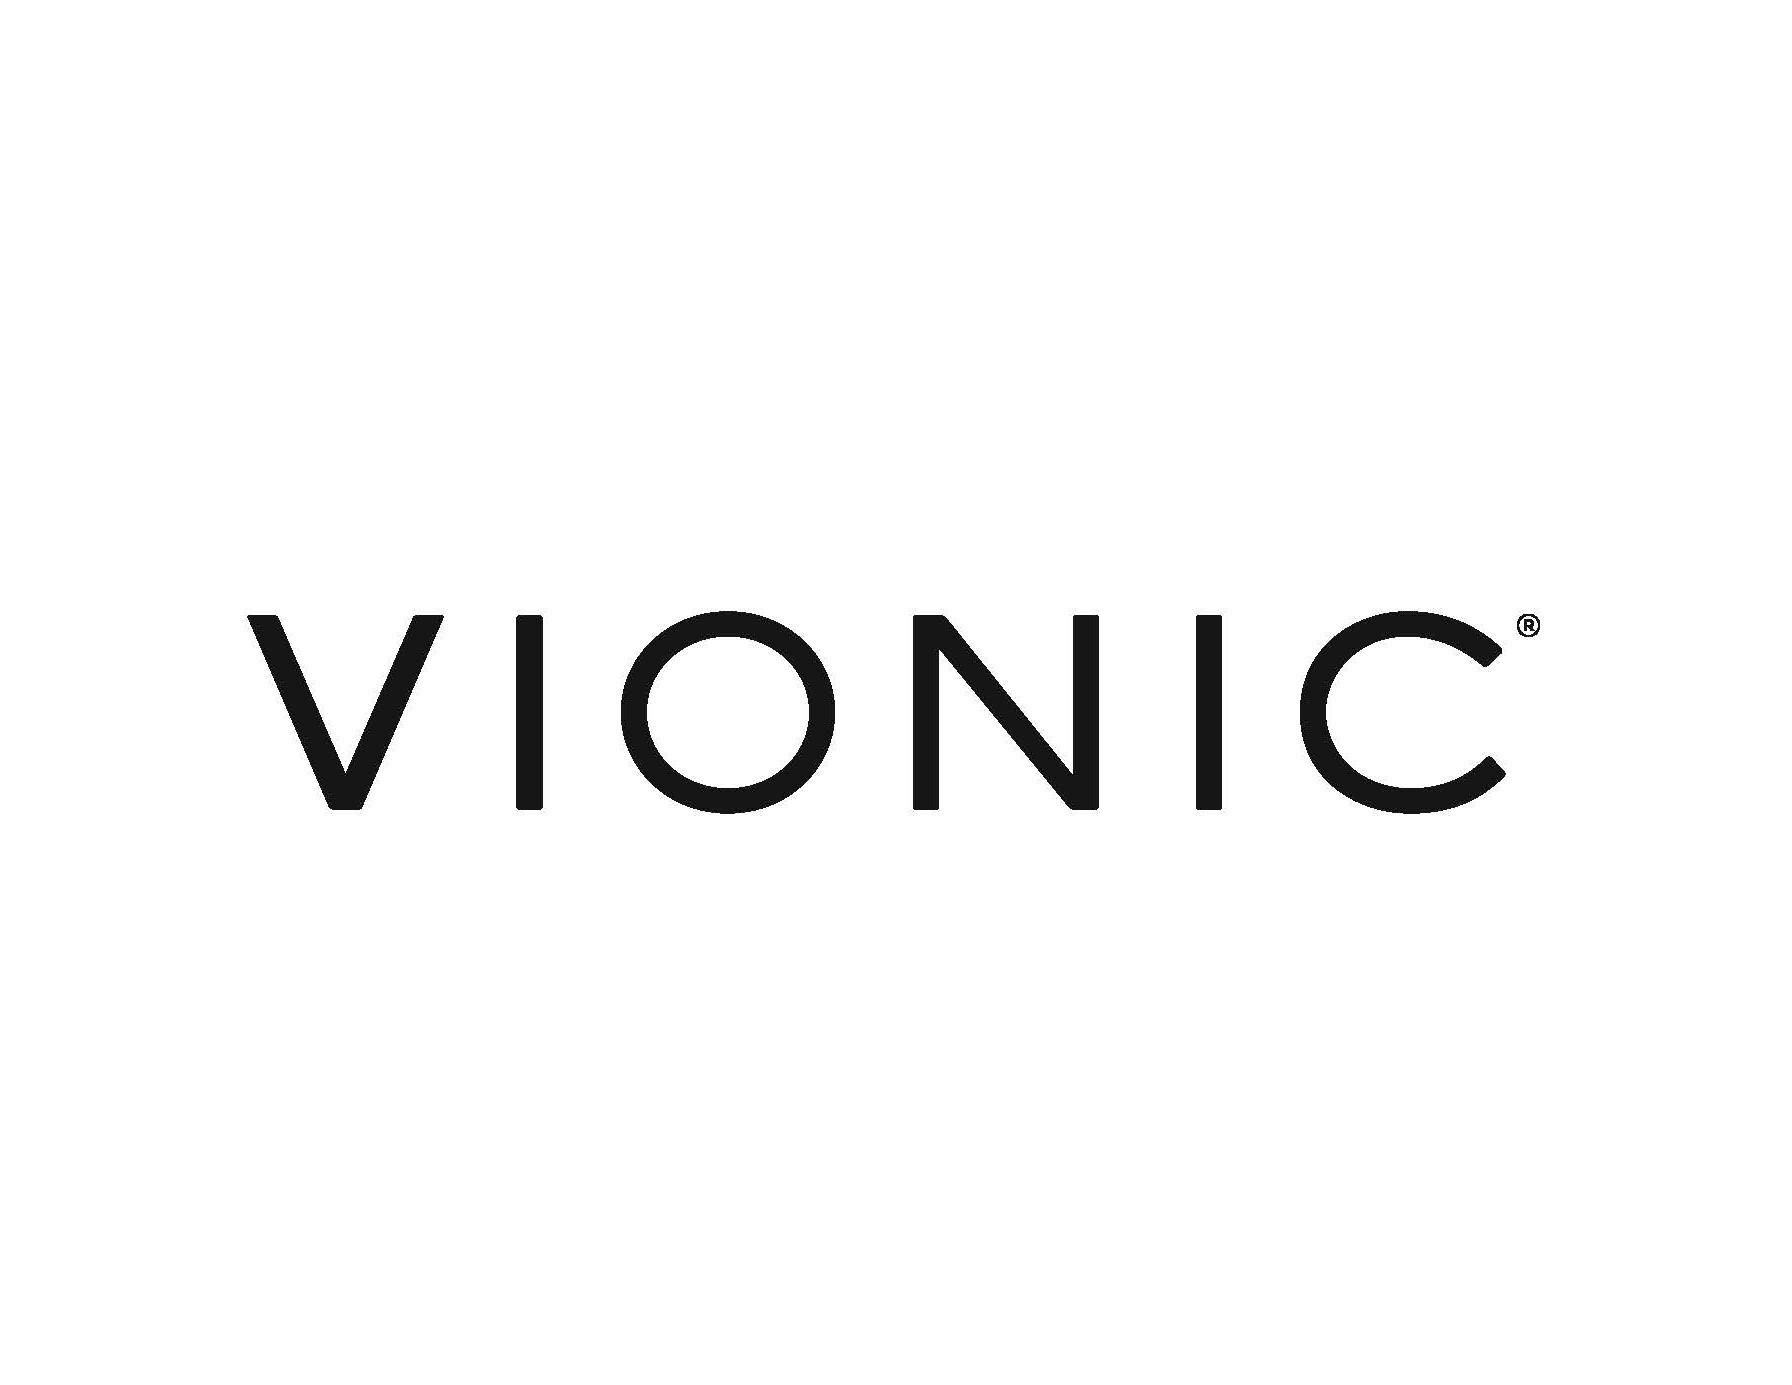 Vionic-Logo-JPG.jpg